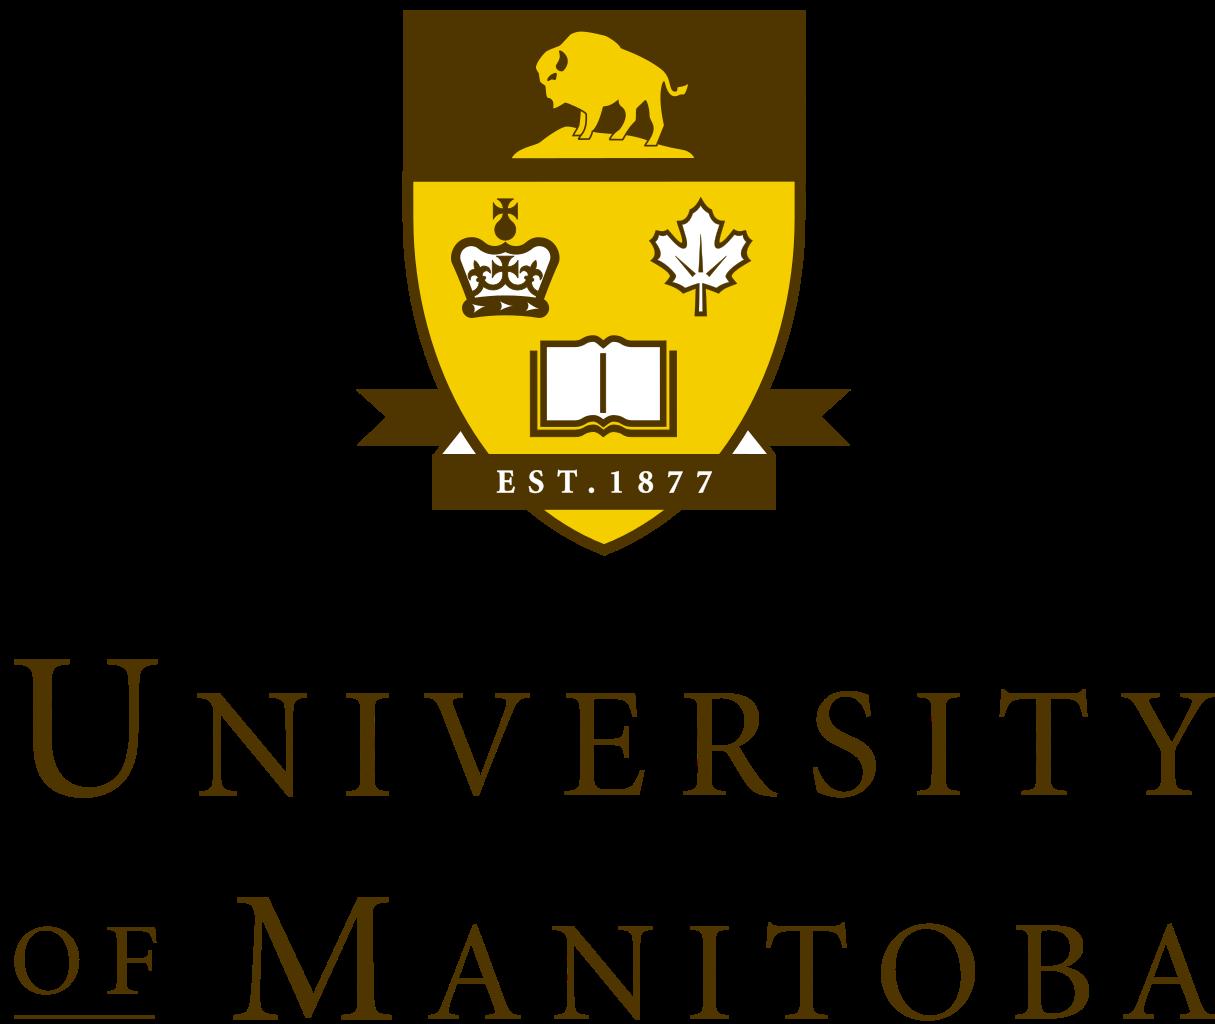 um main logo